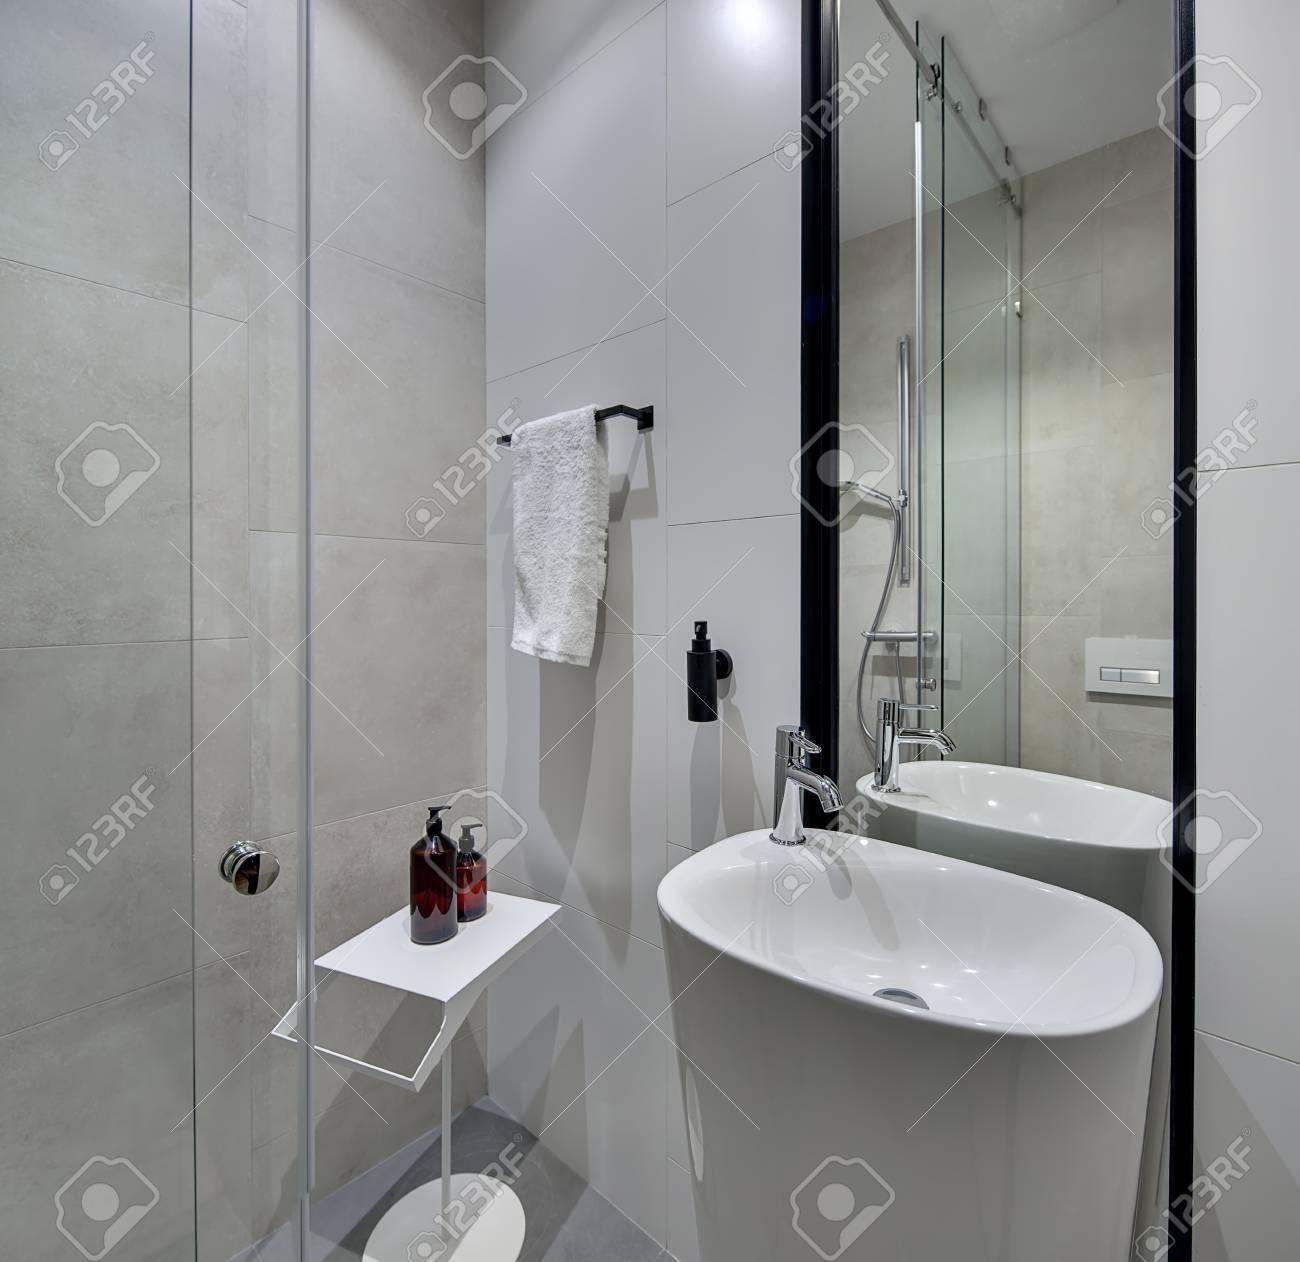 Salle de bains moderne lumière avec des carreaux blancs et crème sur les  murs et gris sur le sol. Il y a un évier blanc avec robinet chromé, douche  ...